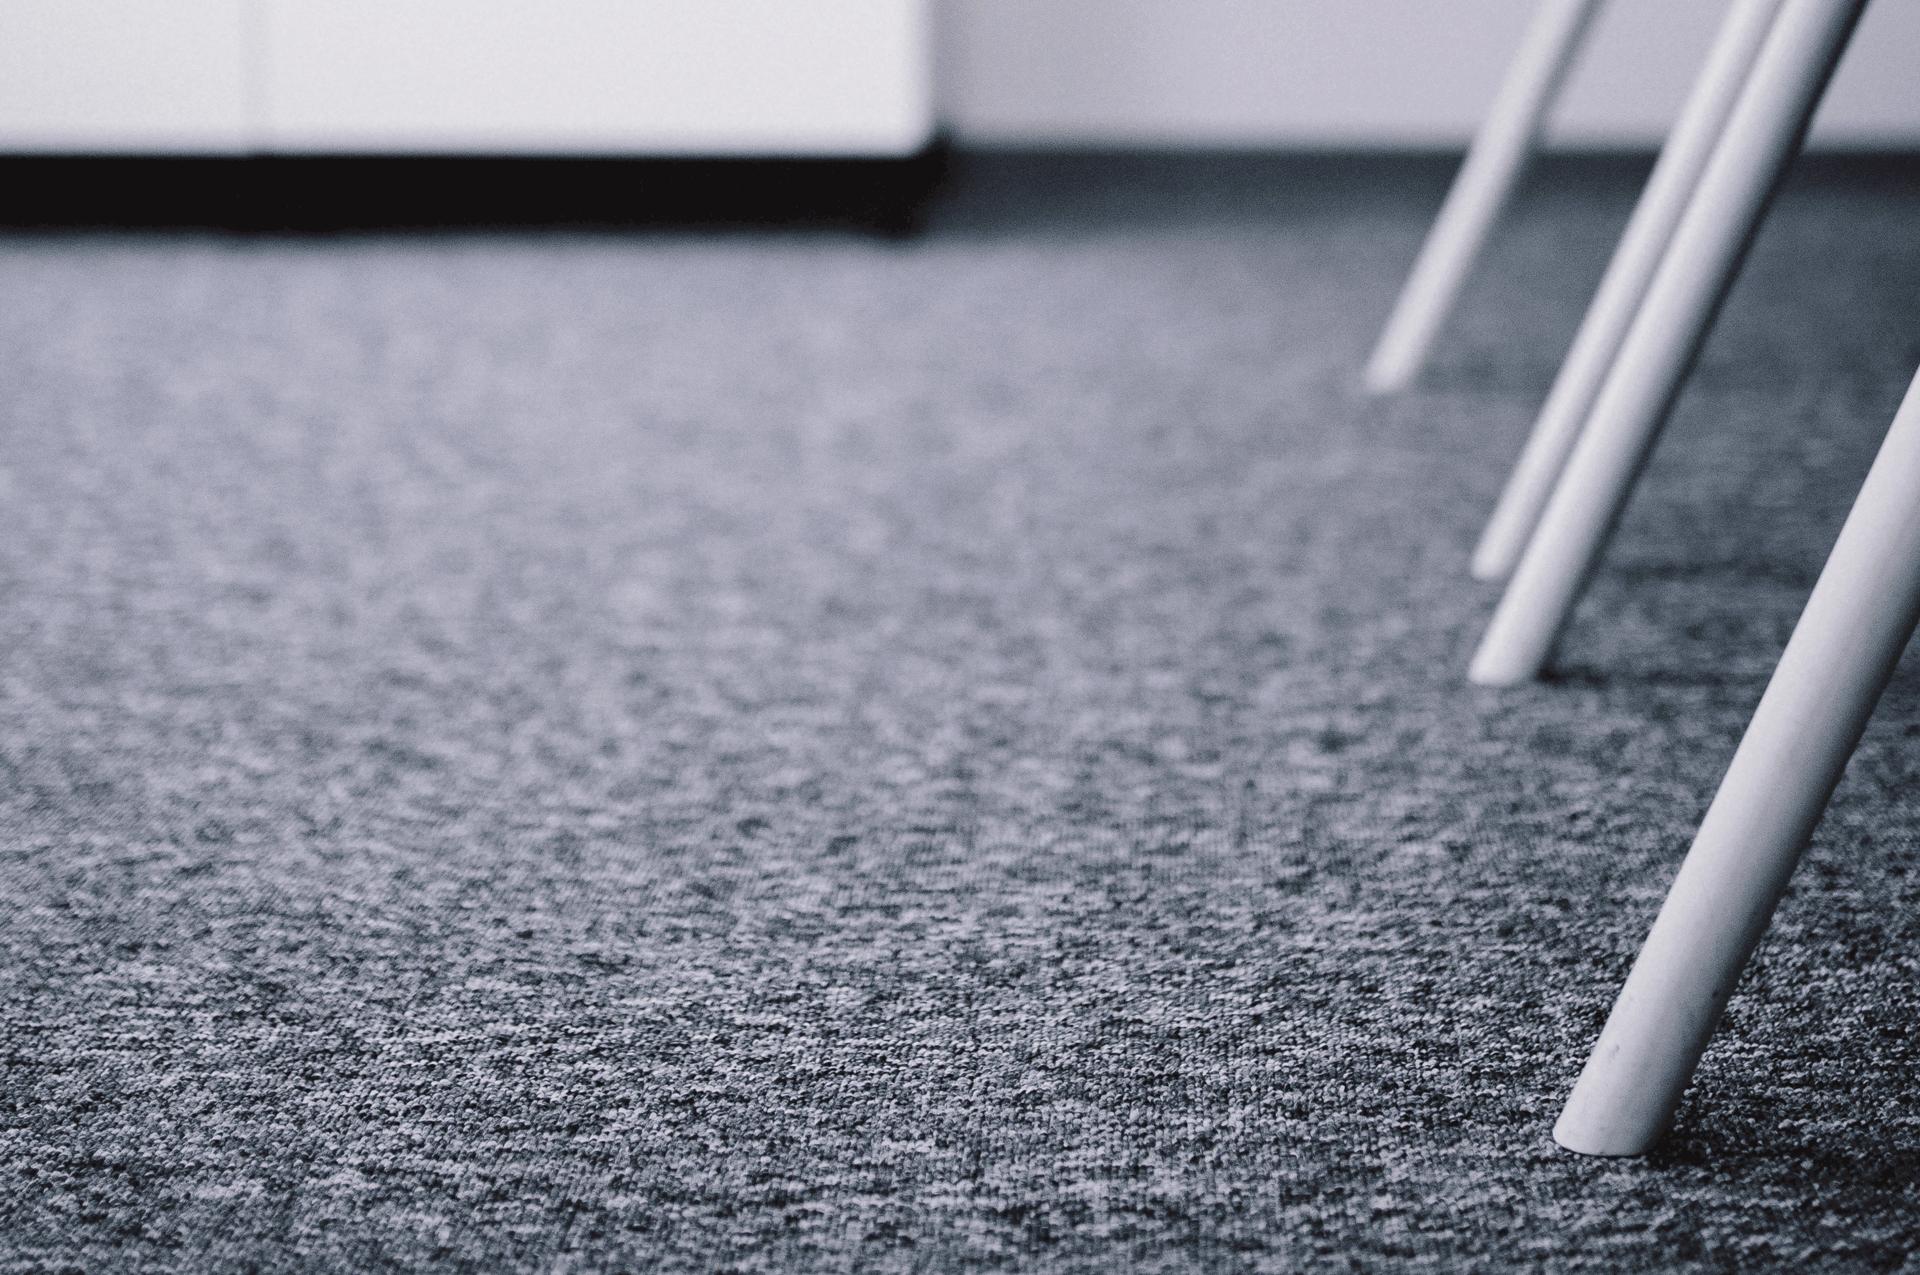 Pranie wykładzin i dywanow